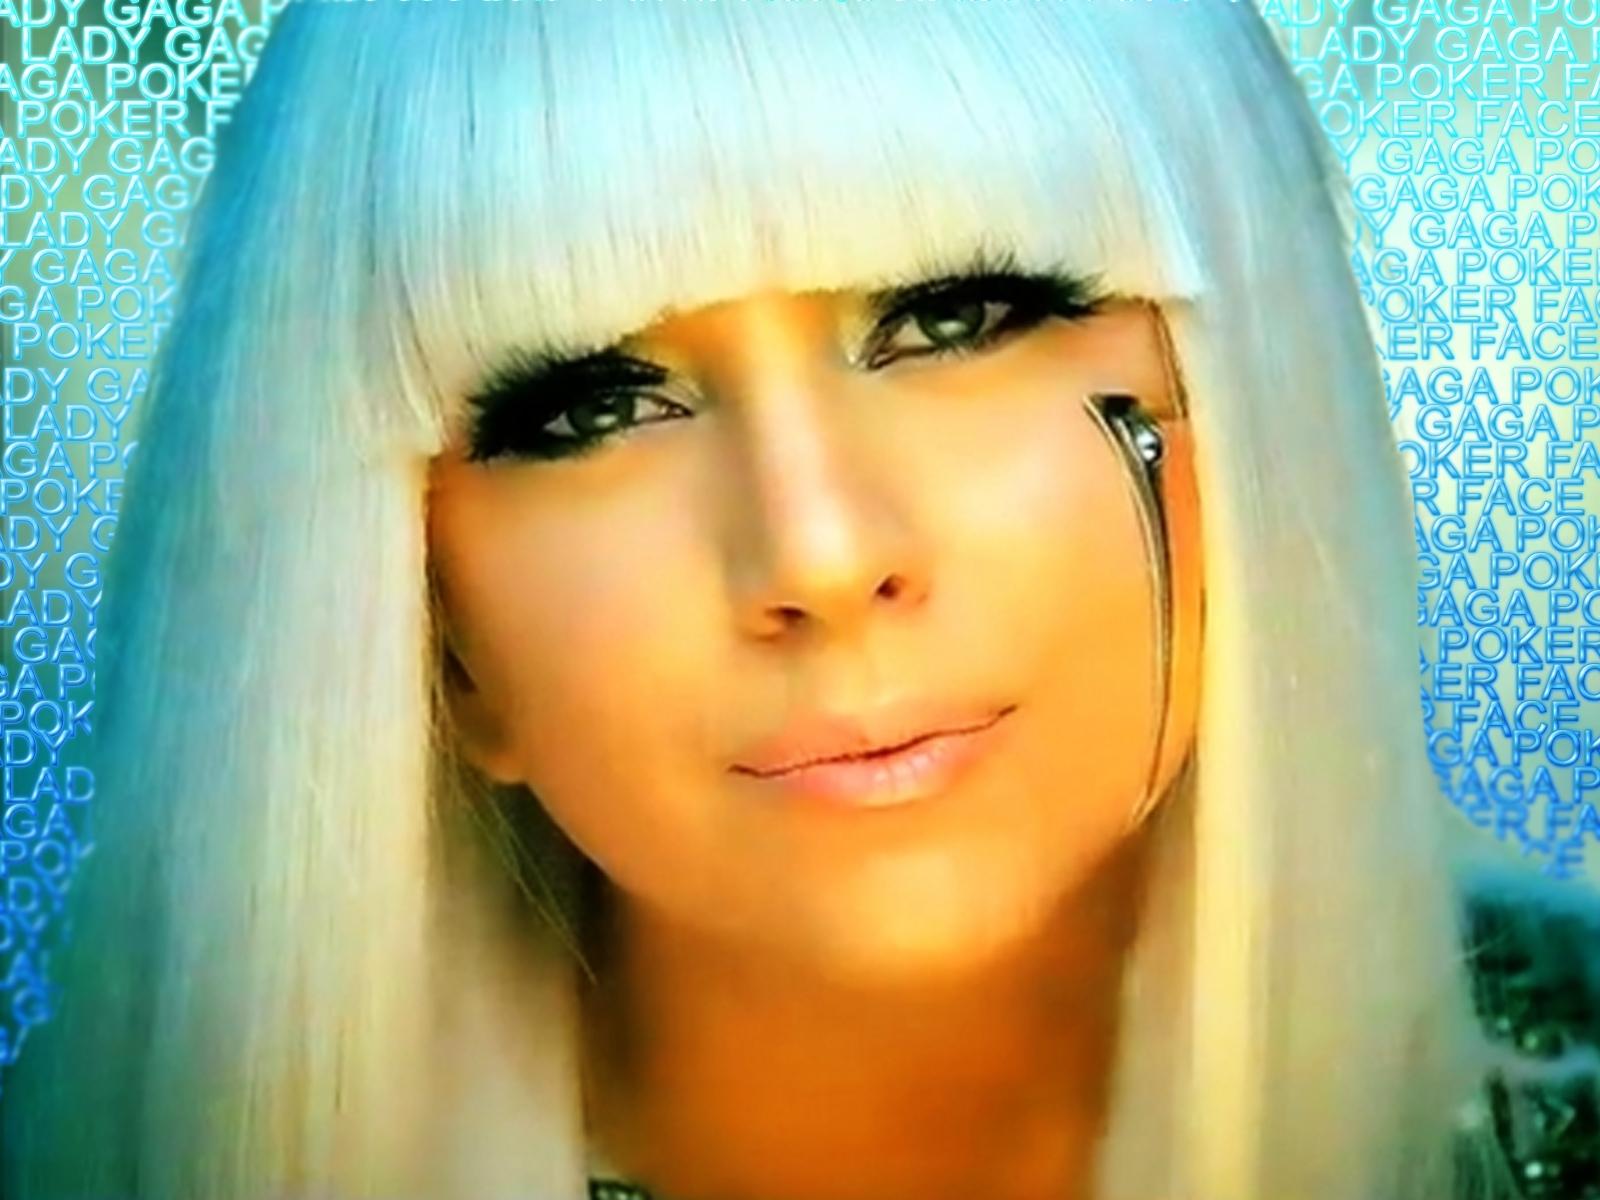 http://2.bp.blogspot.com/-vXGJljNA0lw/TpD5mD9hWKI/AAAAAAAAAJY/o3i-vcafPVA/s1600/lady-gaga-lady-gaga-3355925-1600-1200.jpg